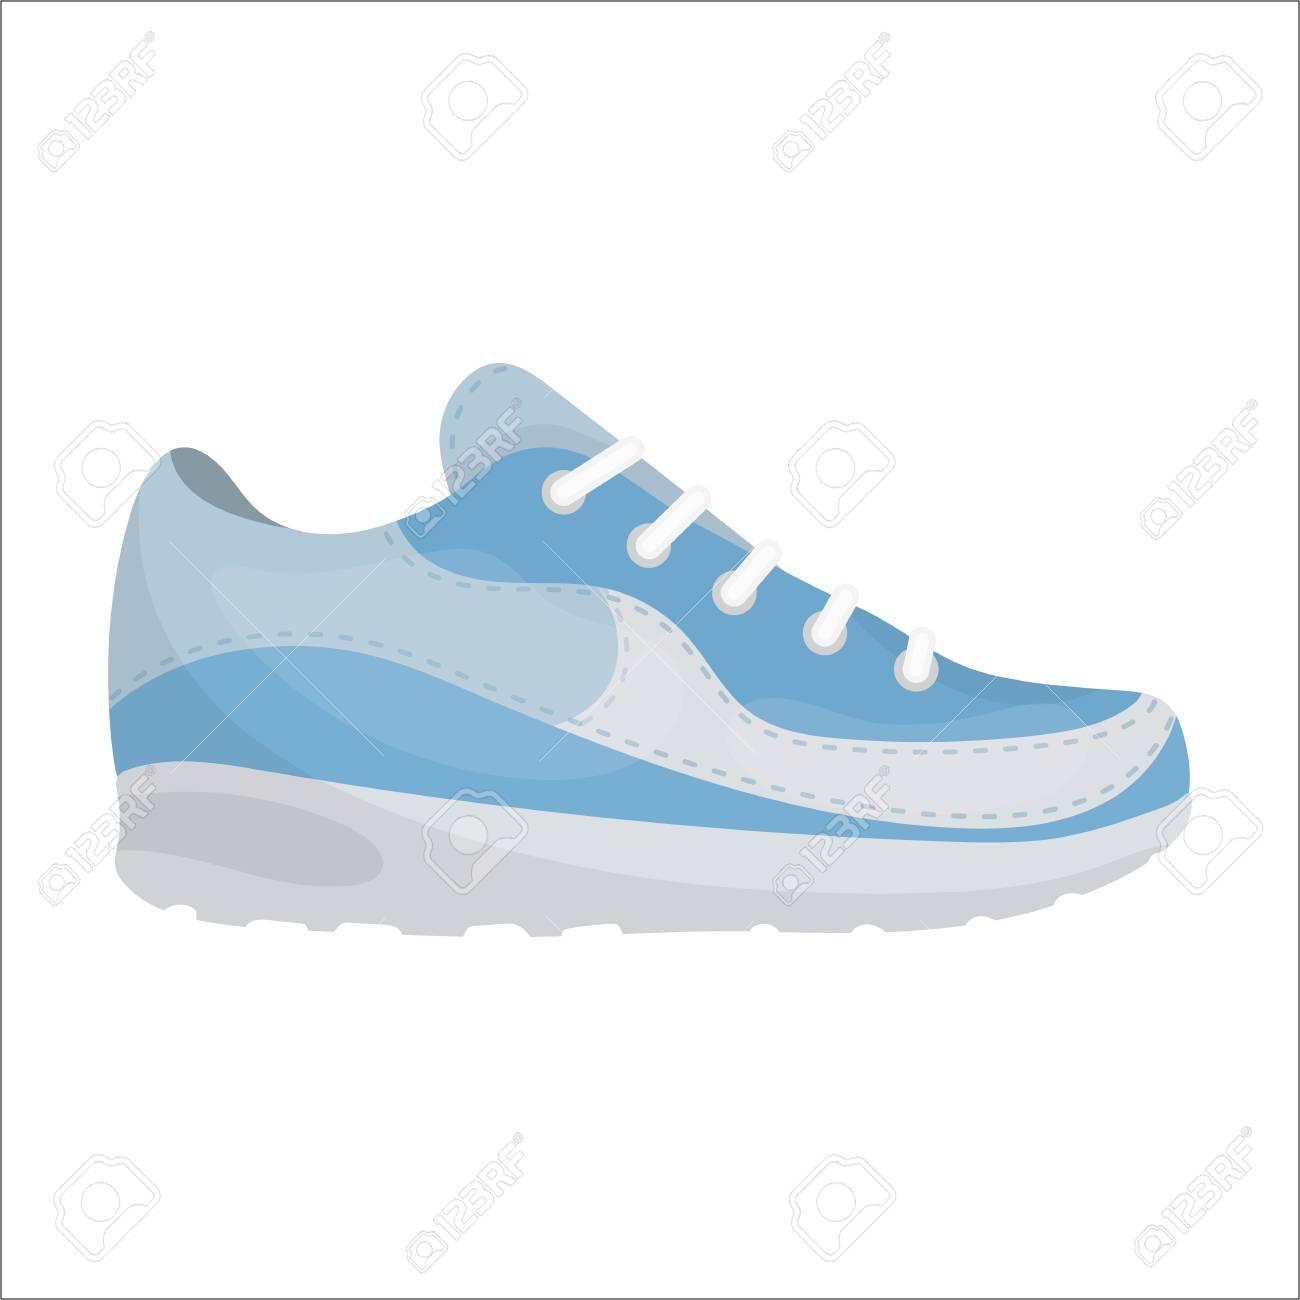 Símbolo Zapatos Animados Dibujos Sobre Aislado Fondo Vector Icono De Zapatillas En Estilo BlancoIlustración dCxBore